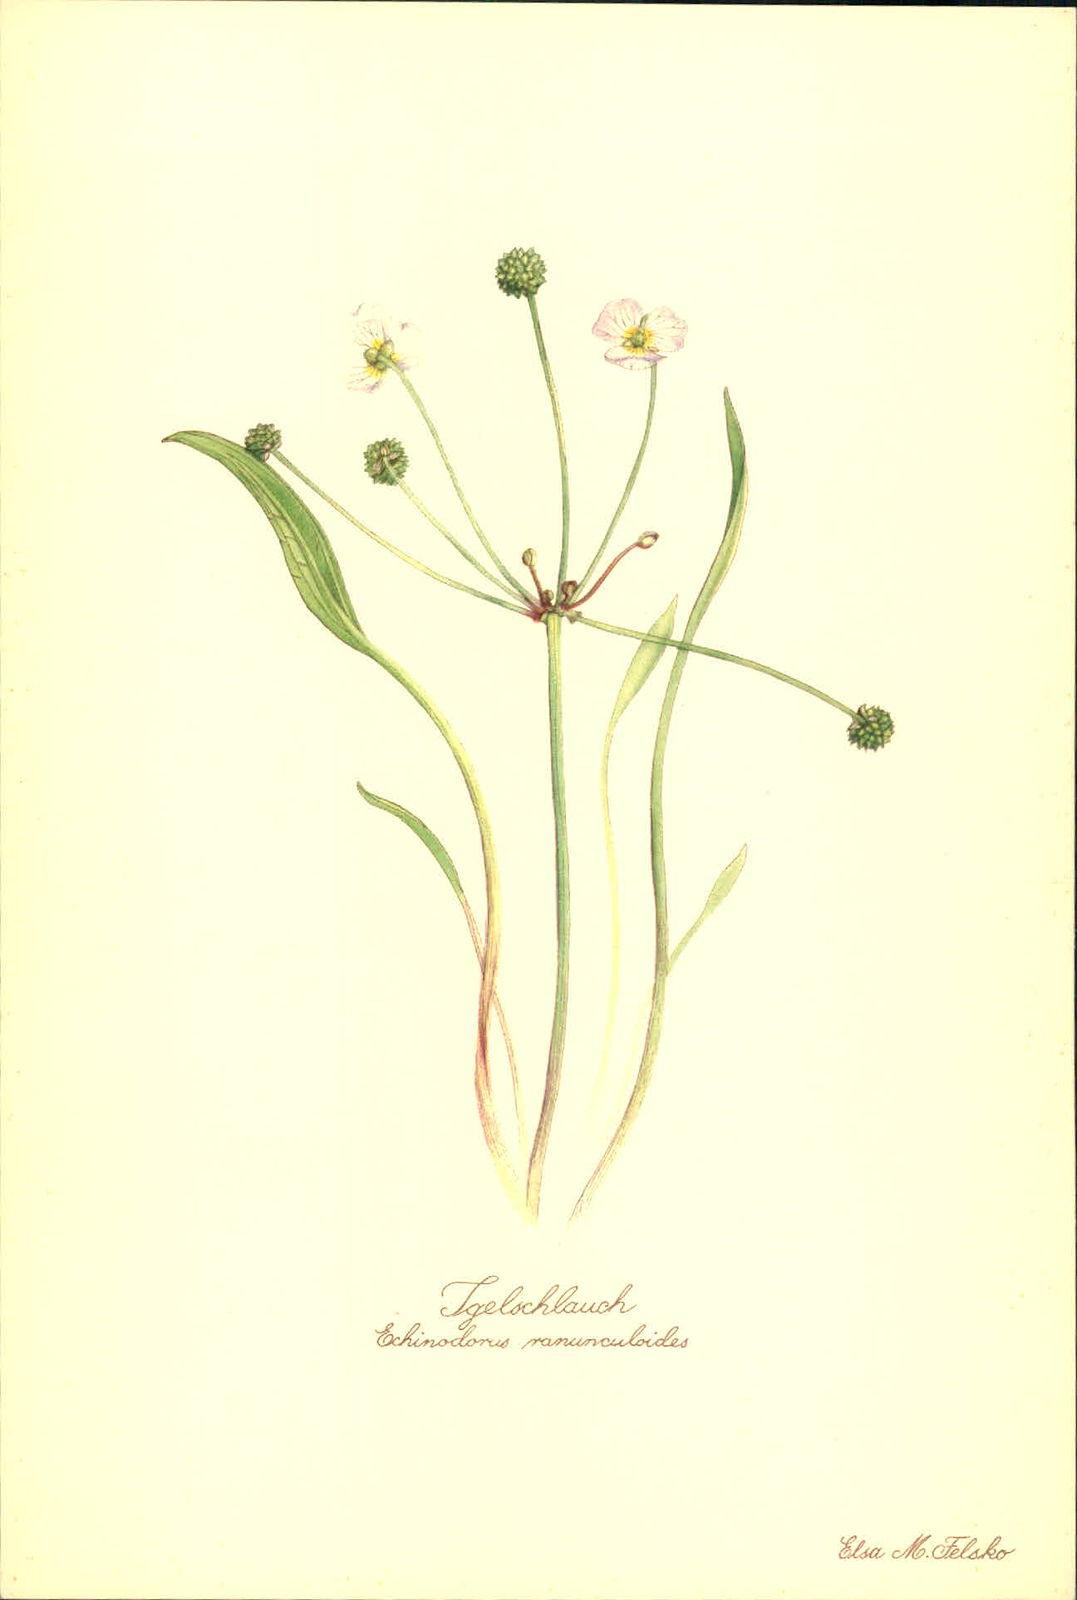 Igelschlauch (Echinodorus ranunculoides). Kunstdruck nach Aquarell von Elsa M. Felsko.